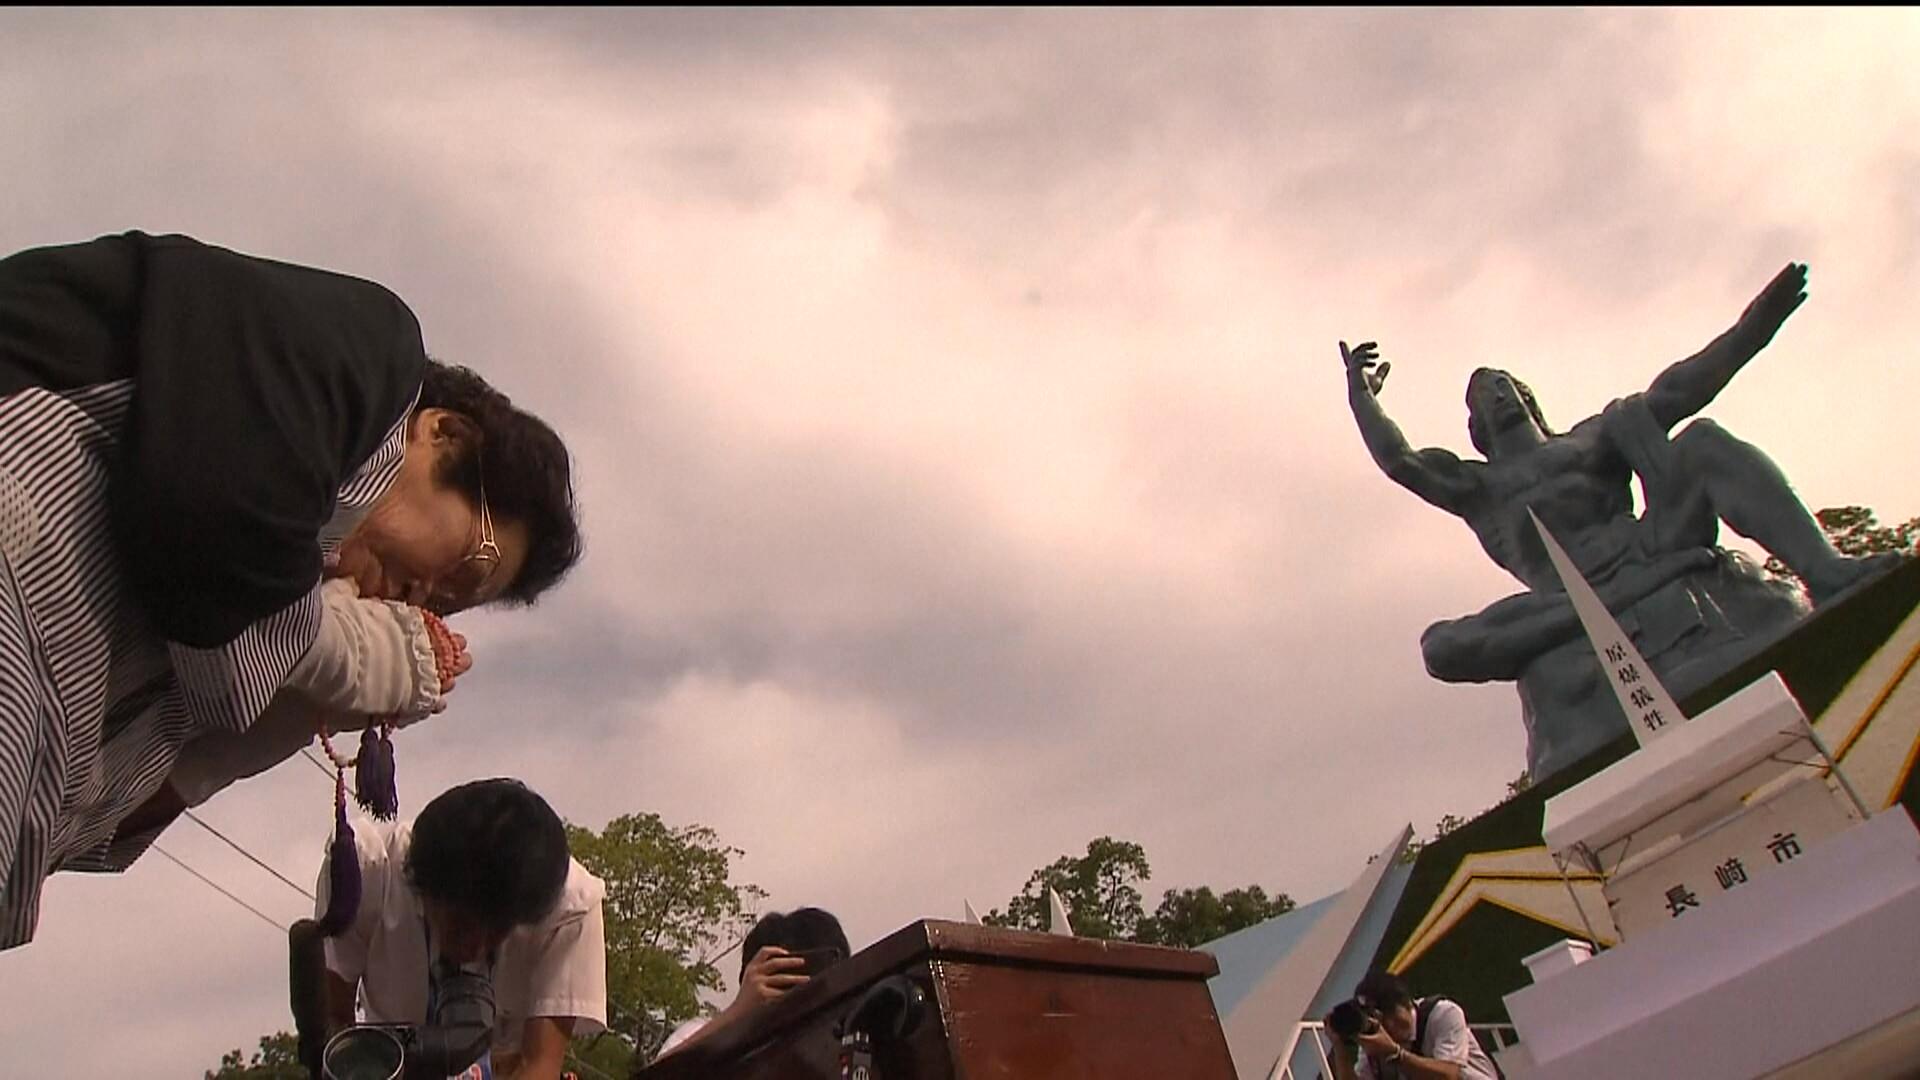 Il y a 74 ans, Nagasaki était touchée par la bombe atomique: aujourd'hui les Japonais veulent la fin des armes nucléaires